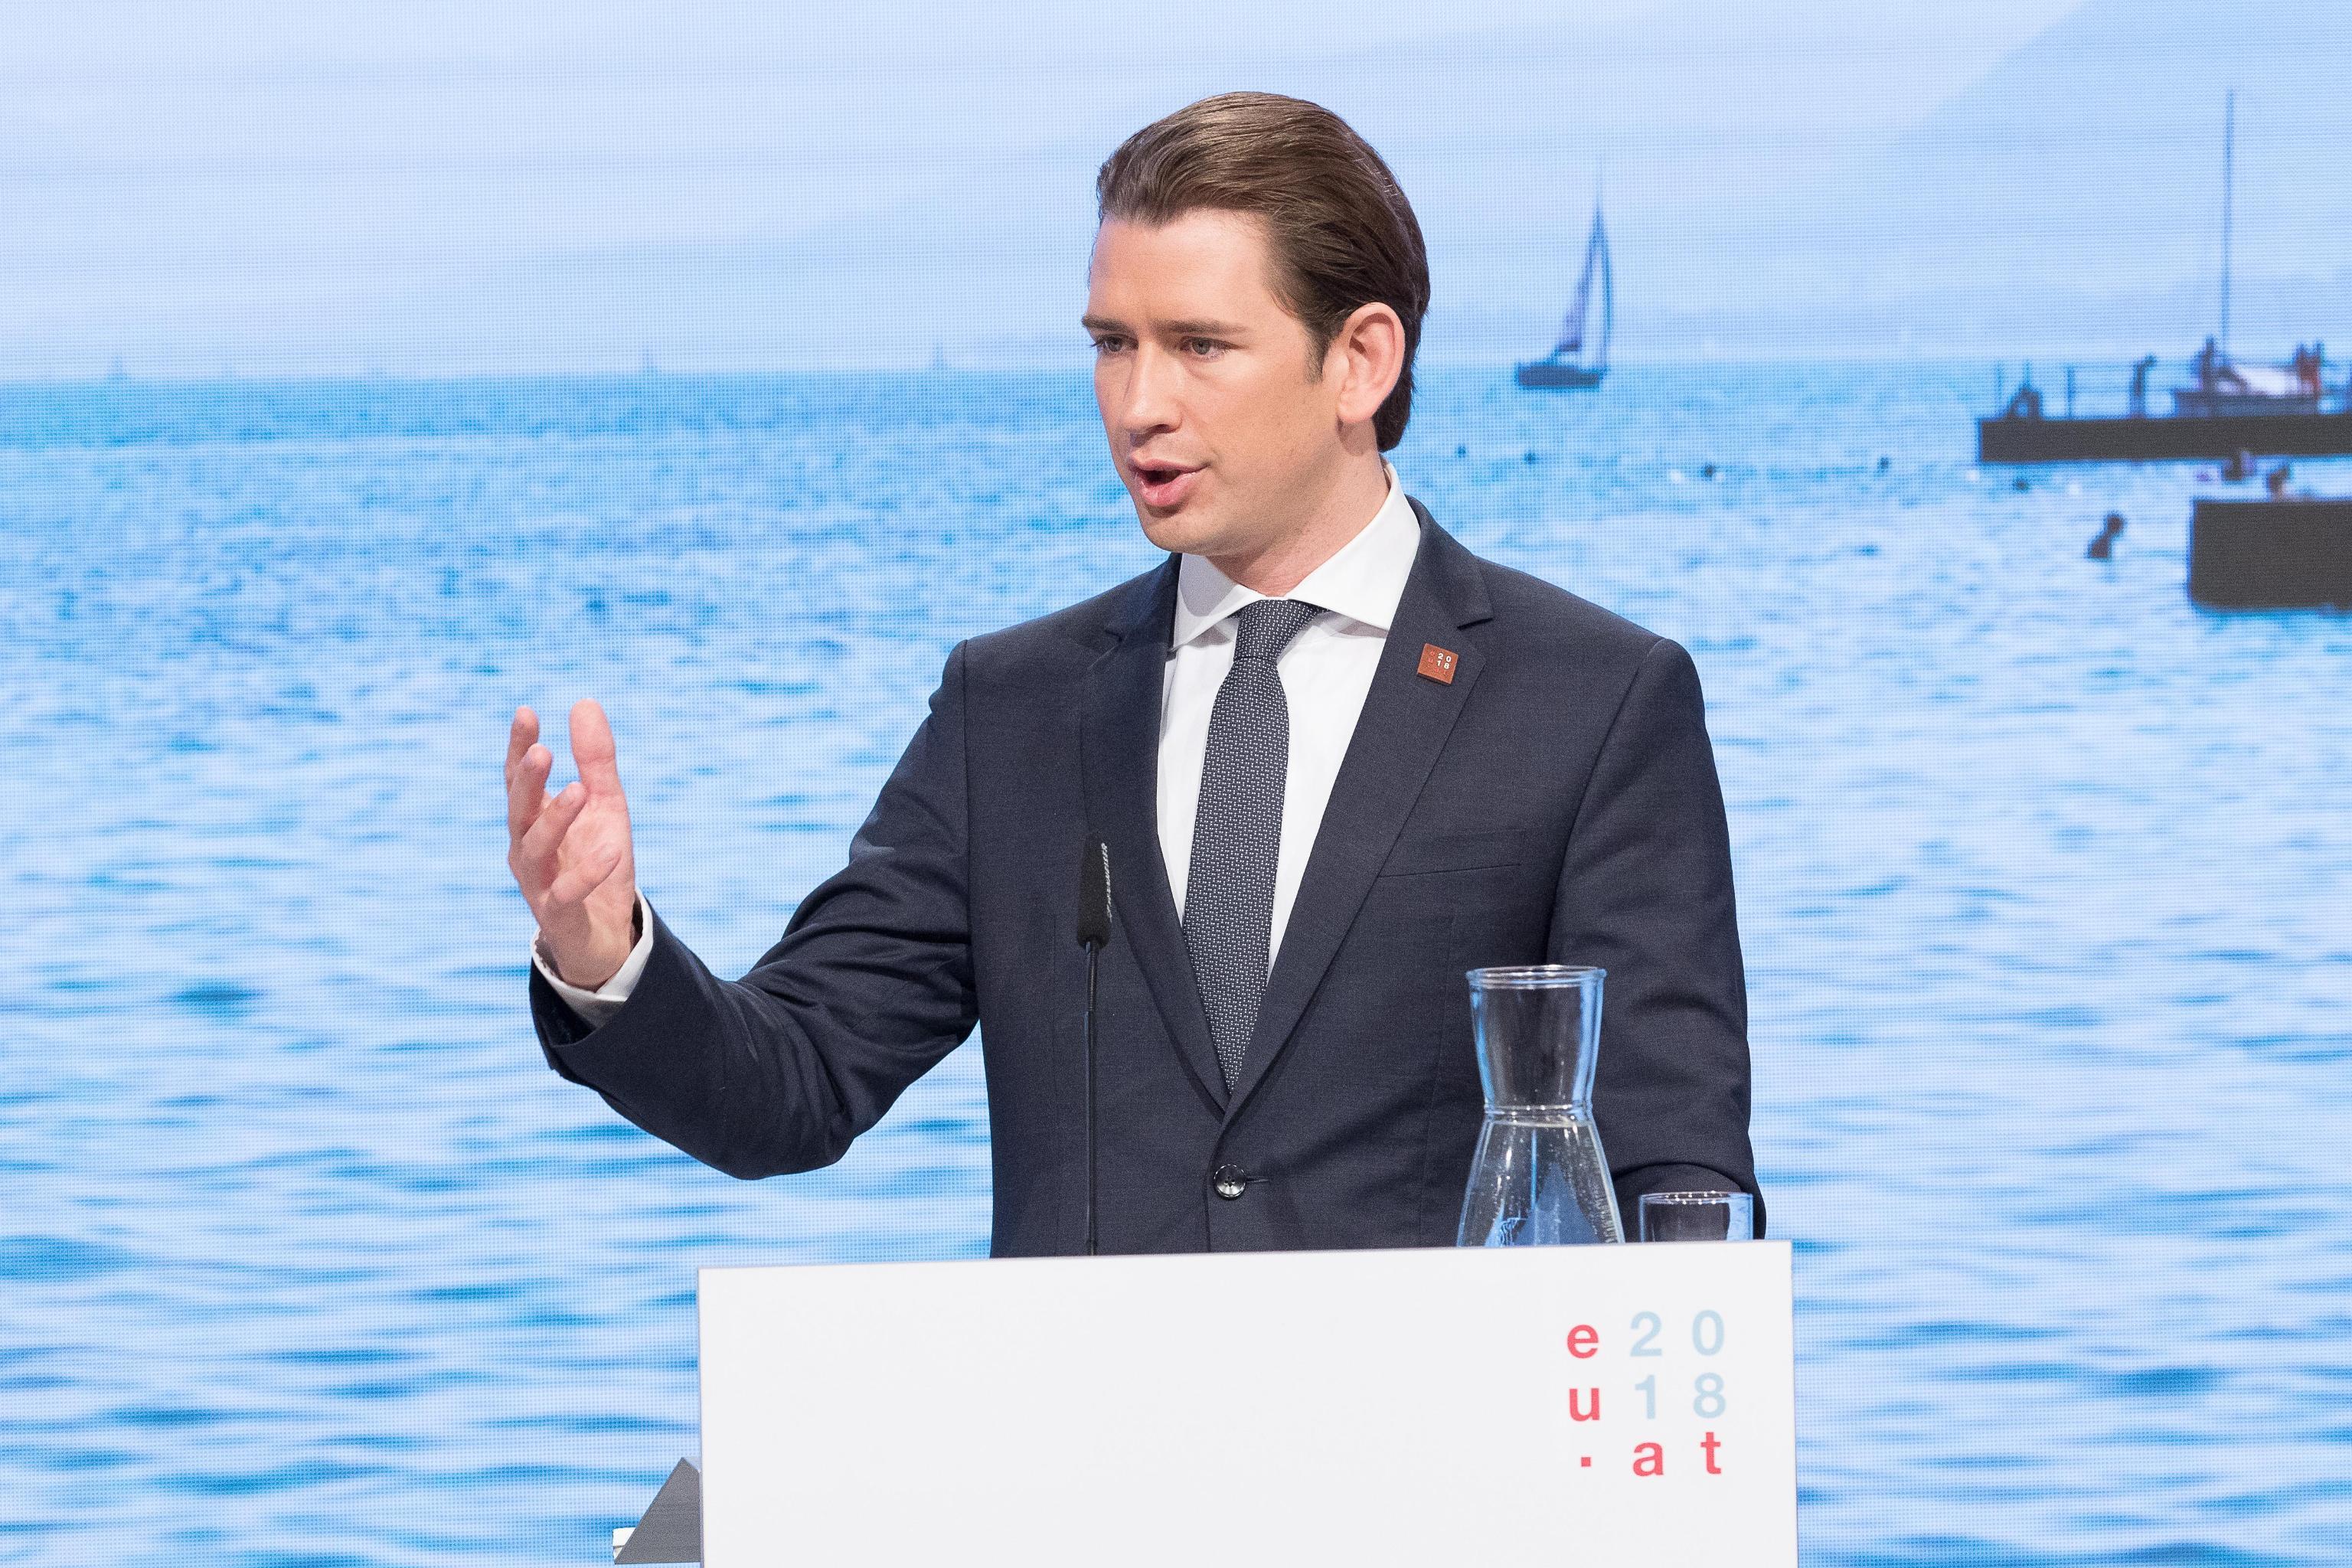 Austria chiude il Brennero: 26 aerei militari sono piazzati per controllare i confini